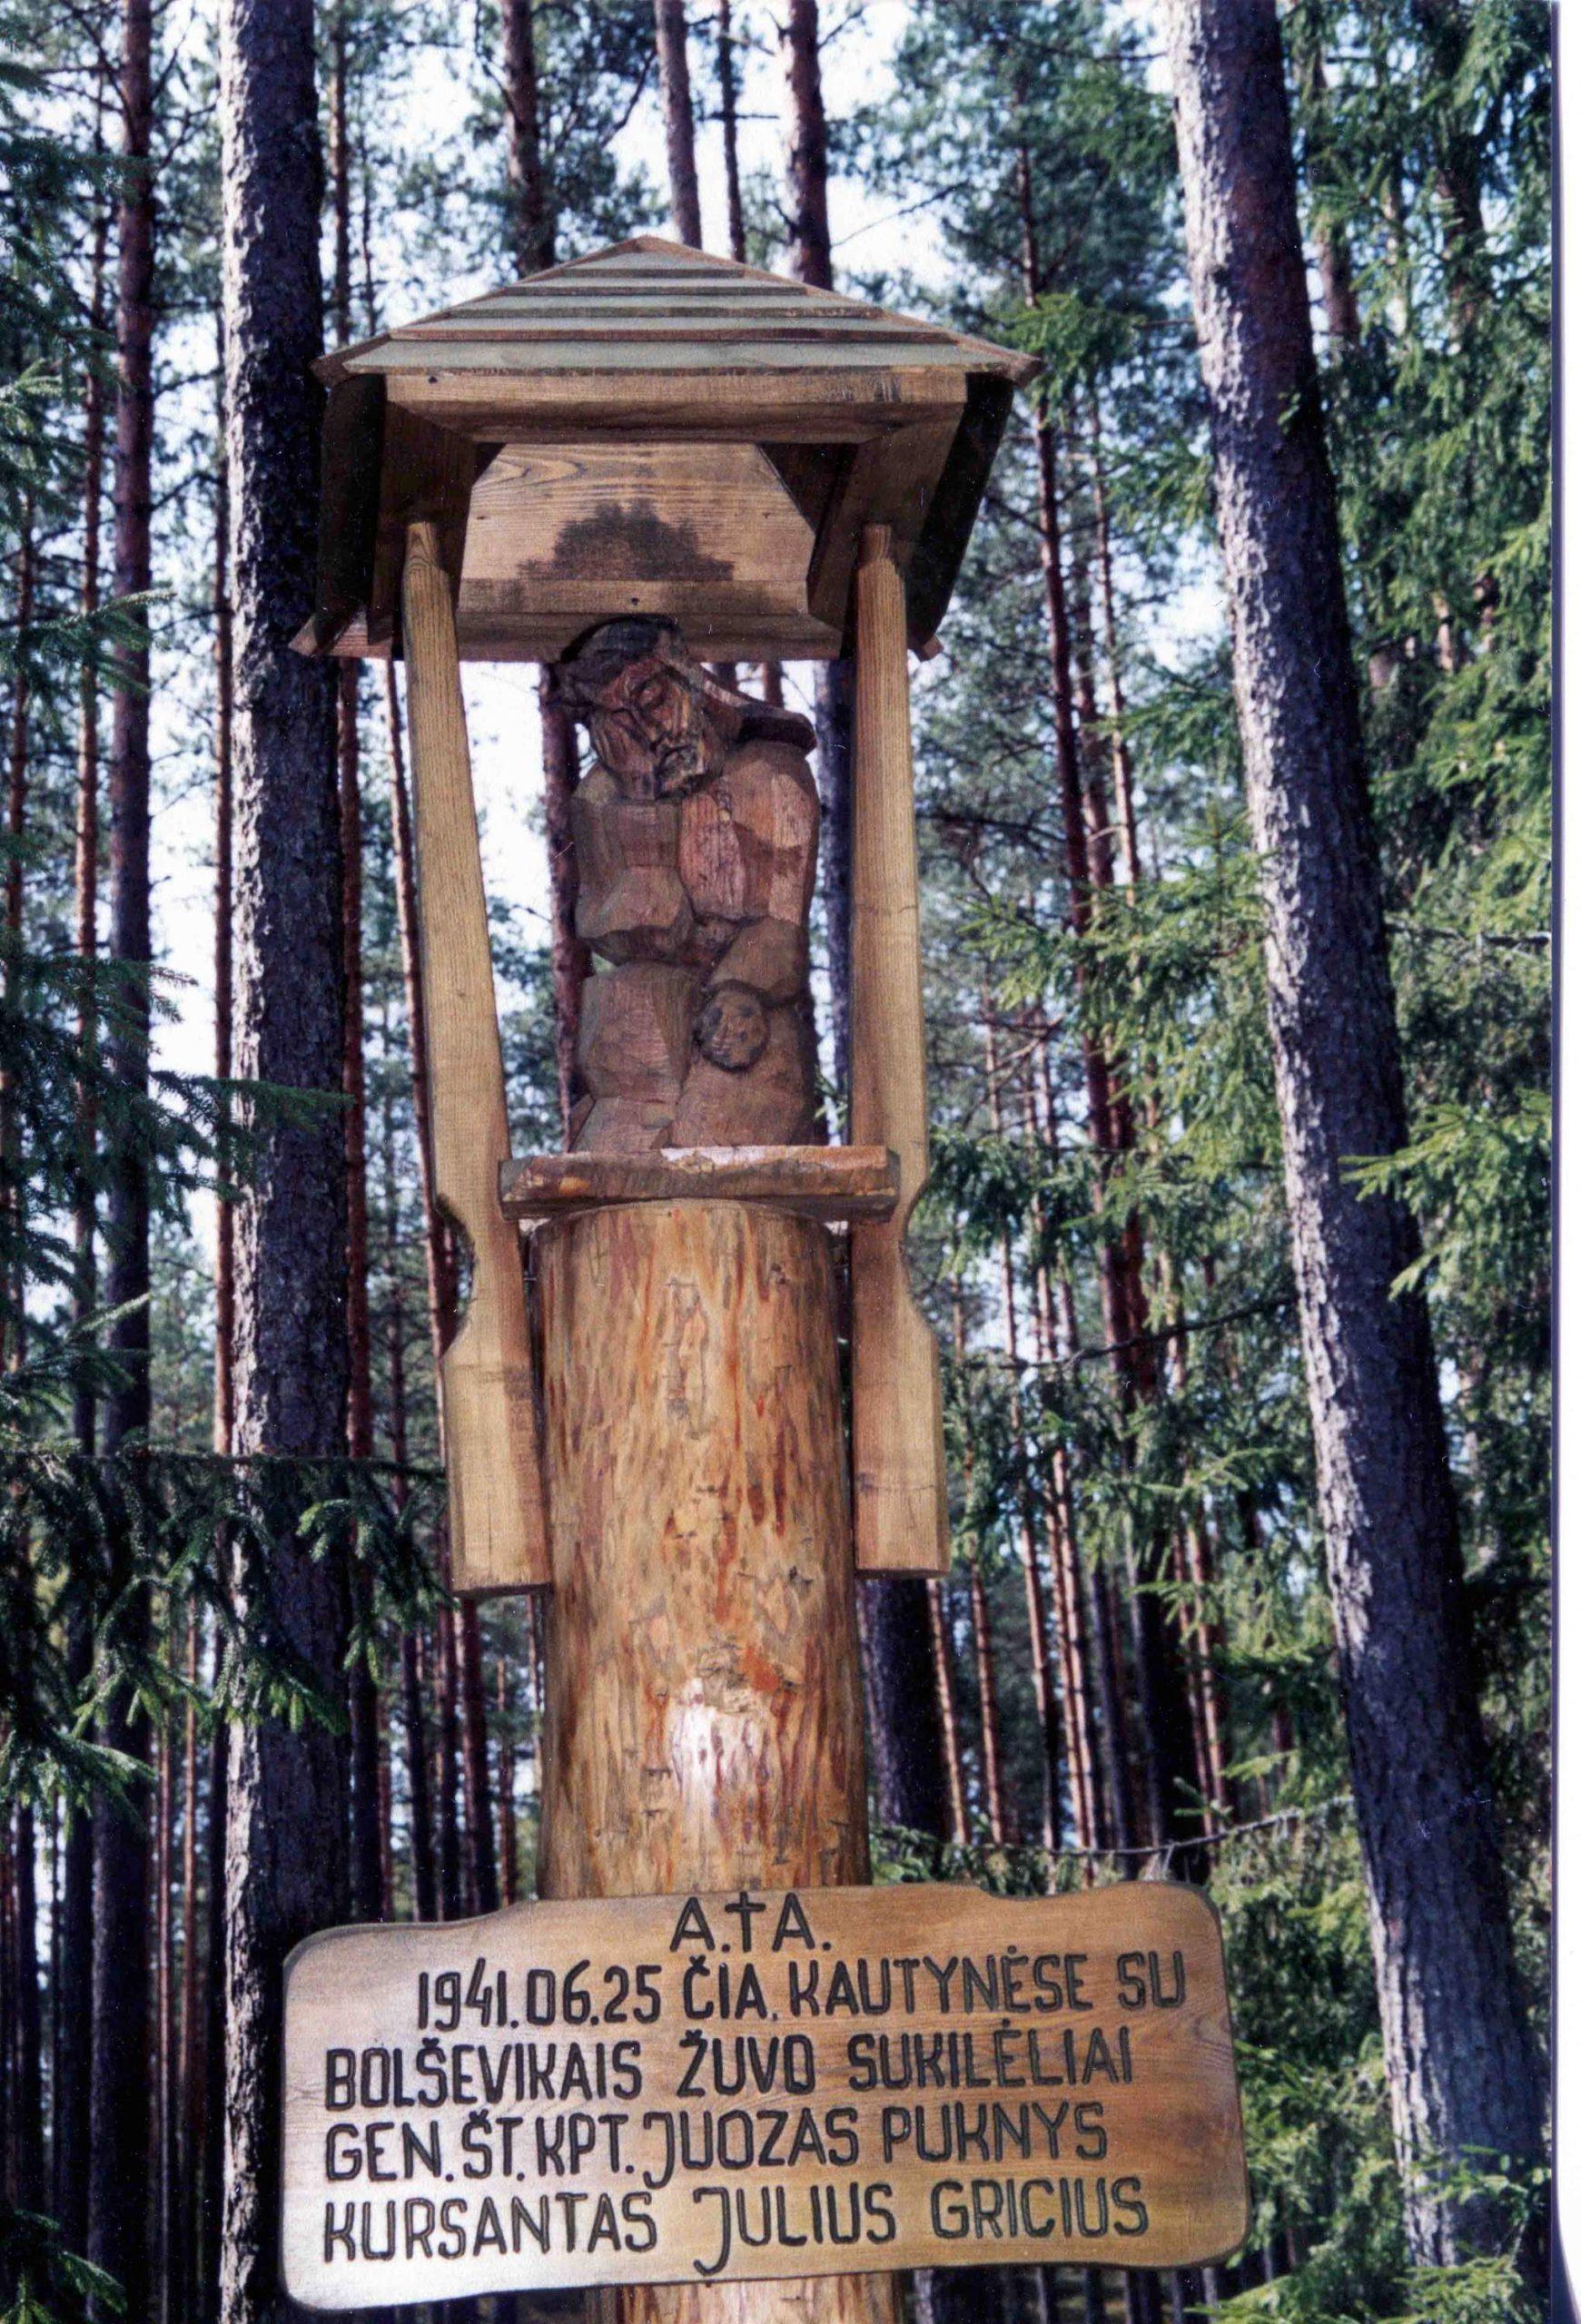 Koplytstulpis žuvusiems 1941 m. kariams sukilėliams kpt. Juozui Pukniui ir kurs. Juliui Griciui, Pagrunda, Labanoro giria, 2003 m.   V. Striužo nuotr.